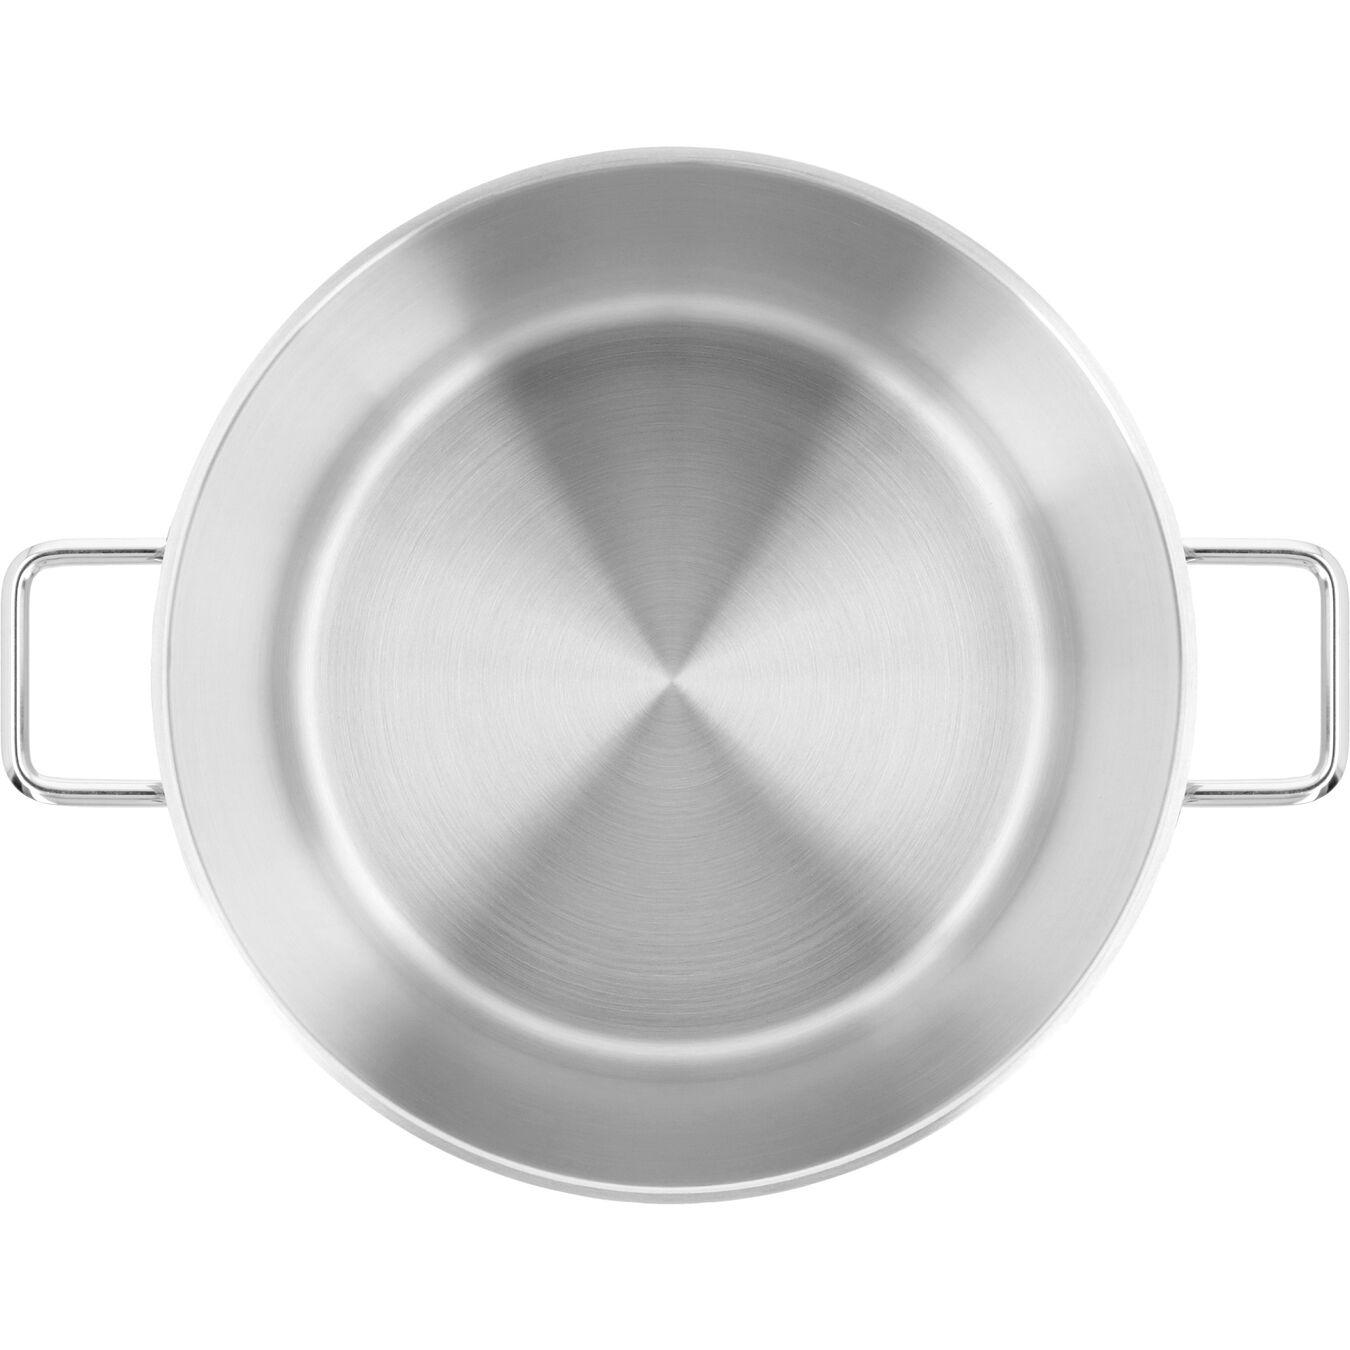 Gryta hög utan lock 36 cm, 18/10 Rostfritt stål,,large 2